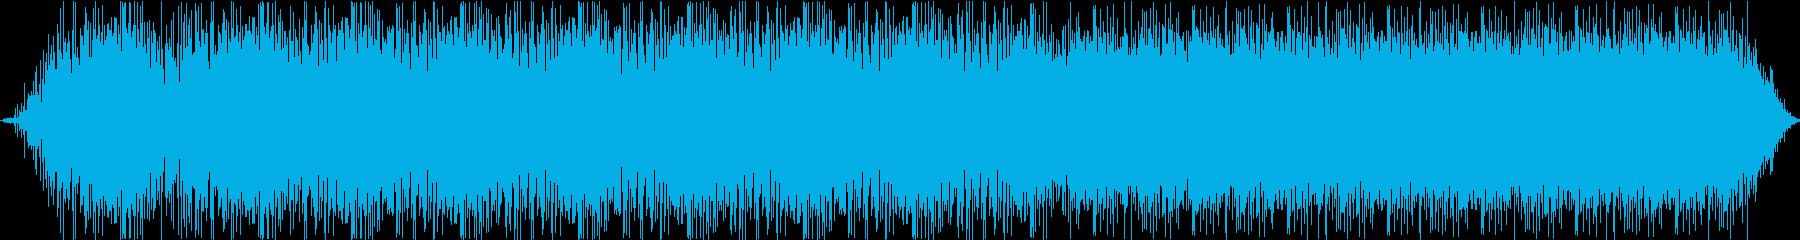 【生録・環境音】車内の天井を叩く雨粒達の再生済みの波形